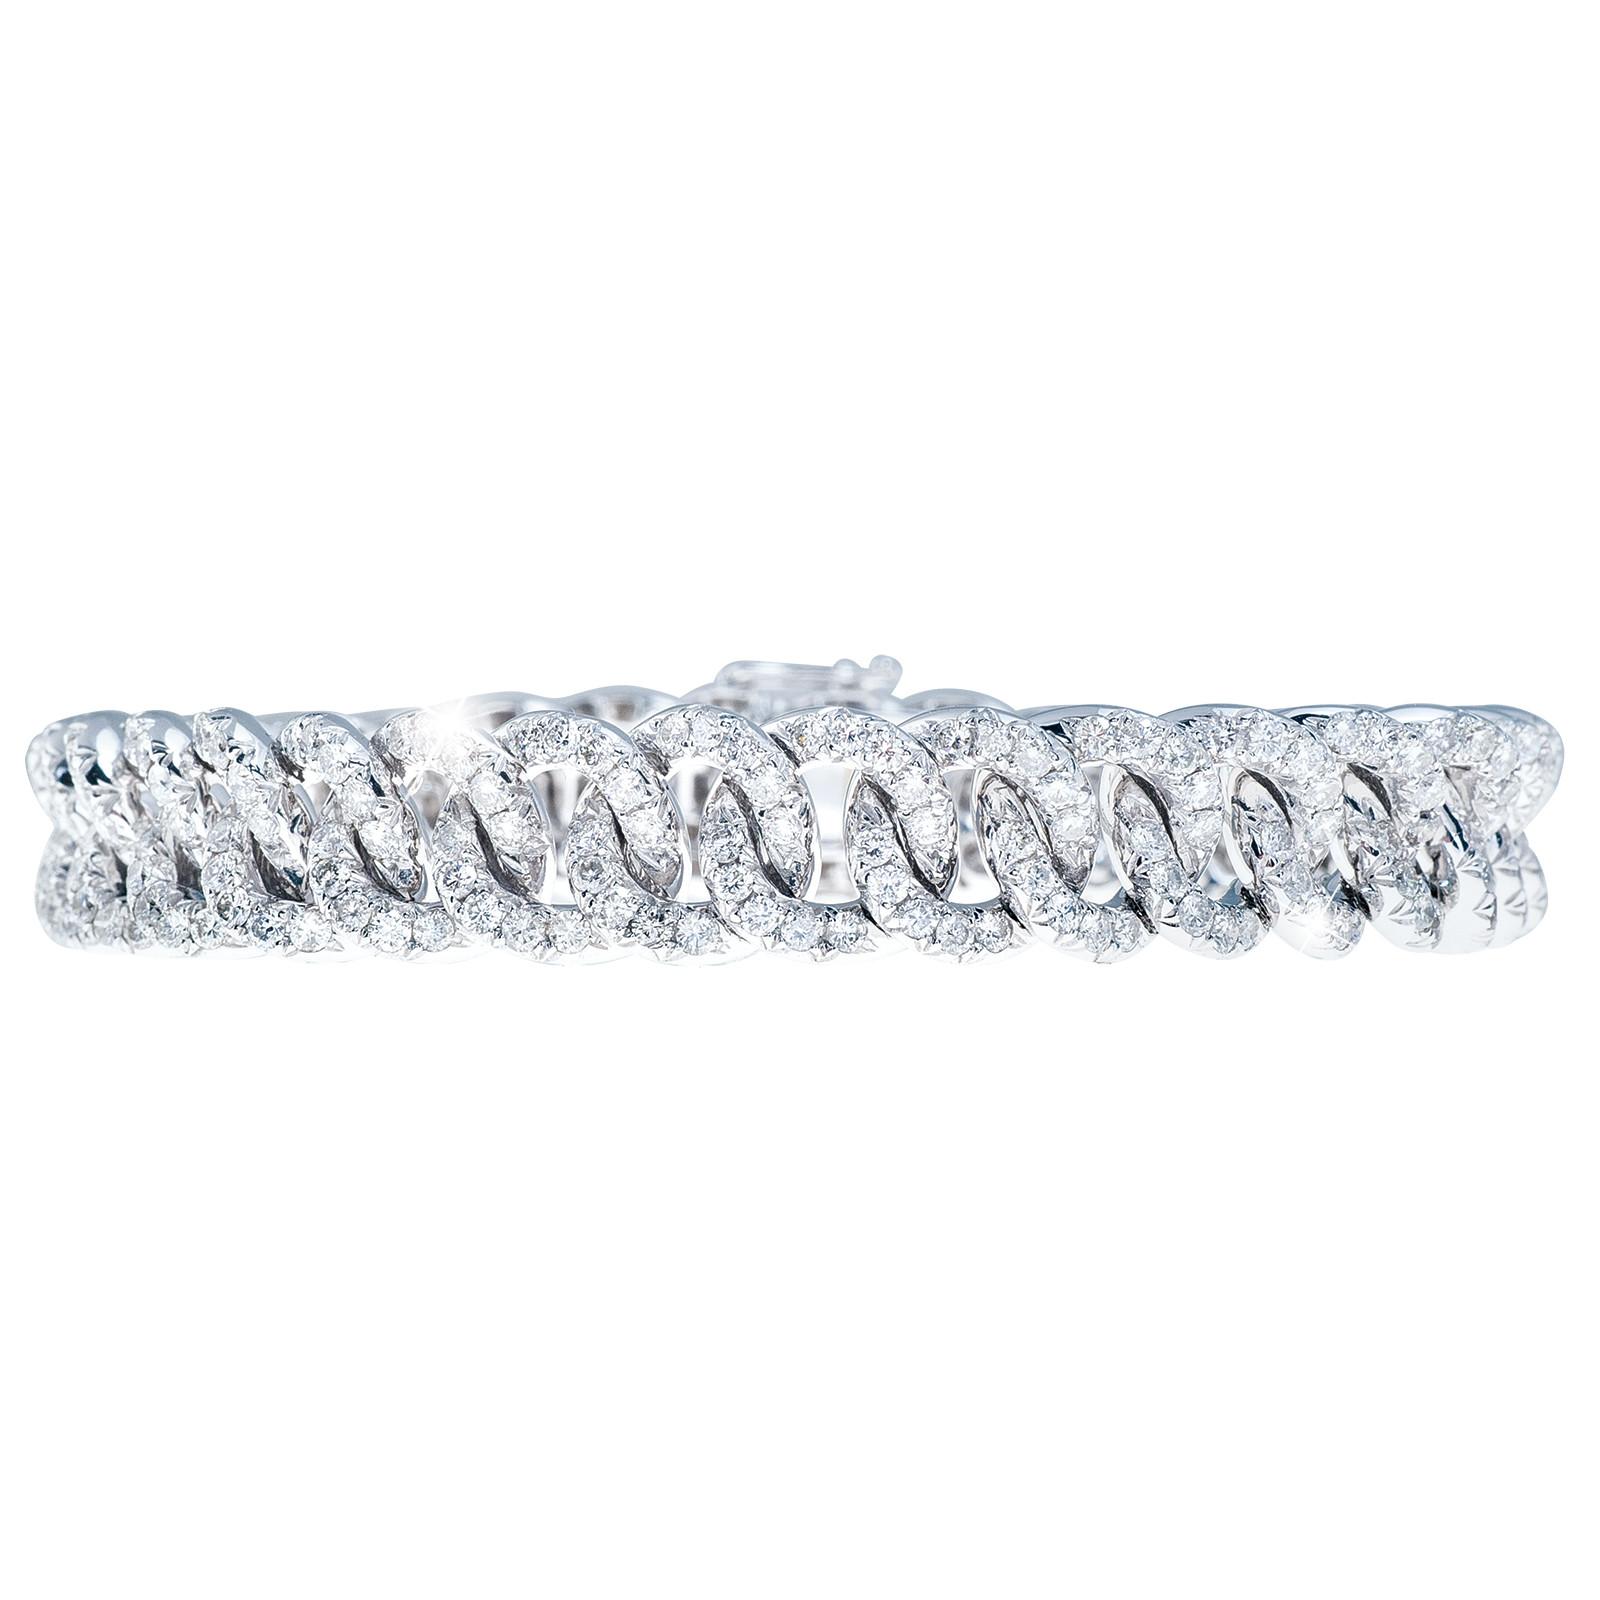 New 7.39 CTW Diamond Bracelet